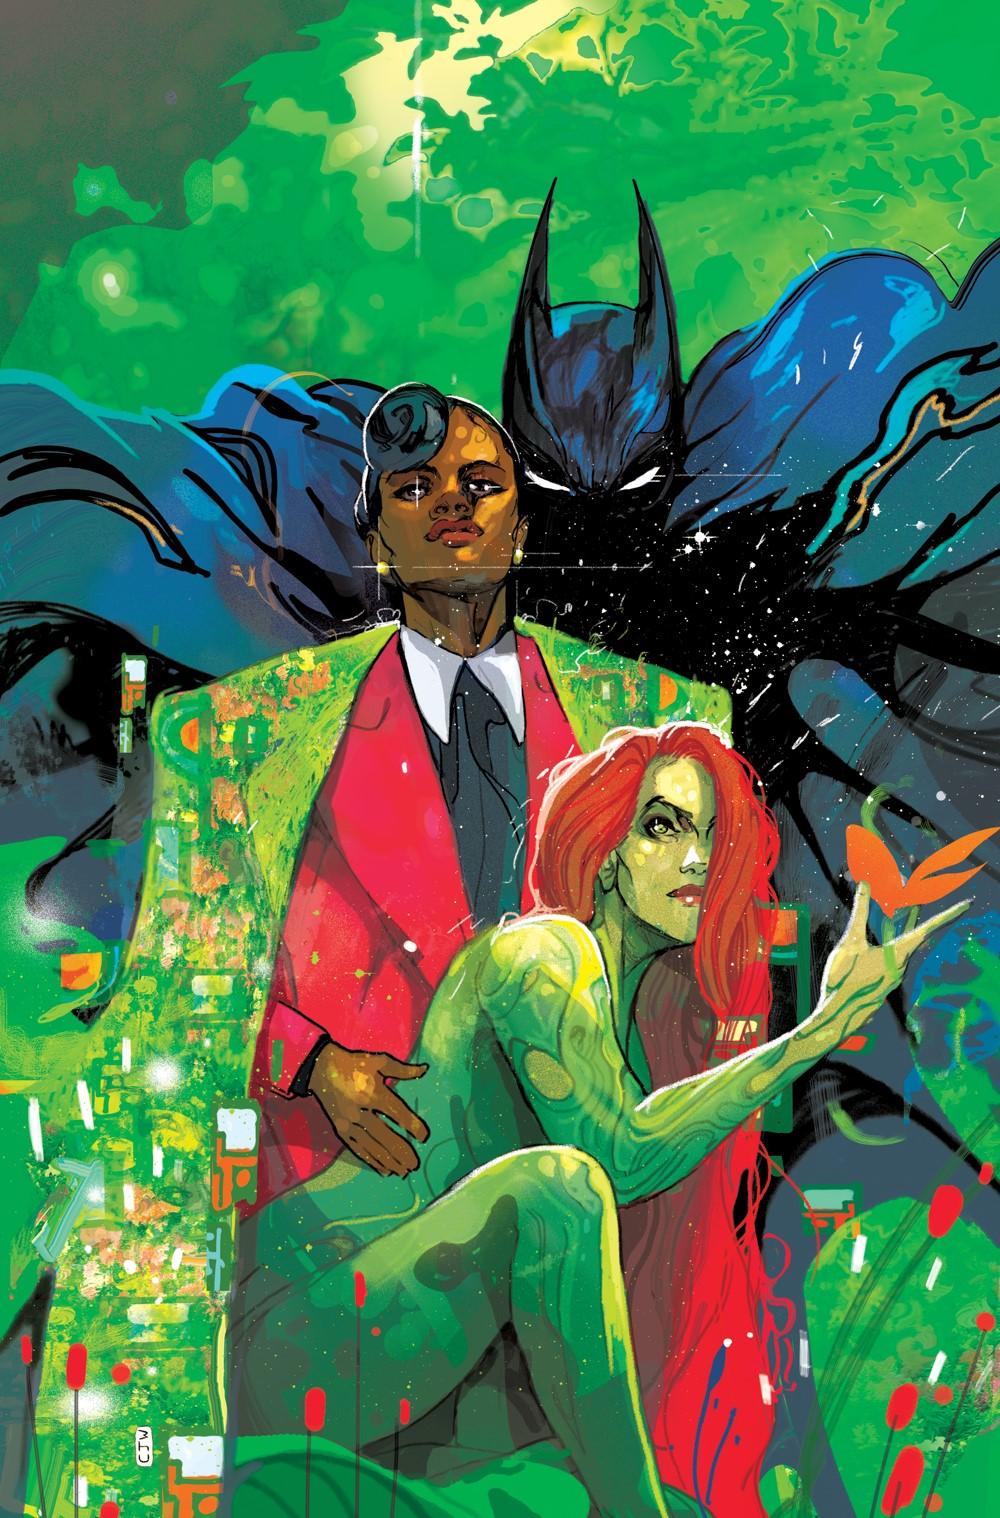 Batman-secret-files-gardener-cover-variant DC Comics November 2021 Solicitations